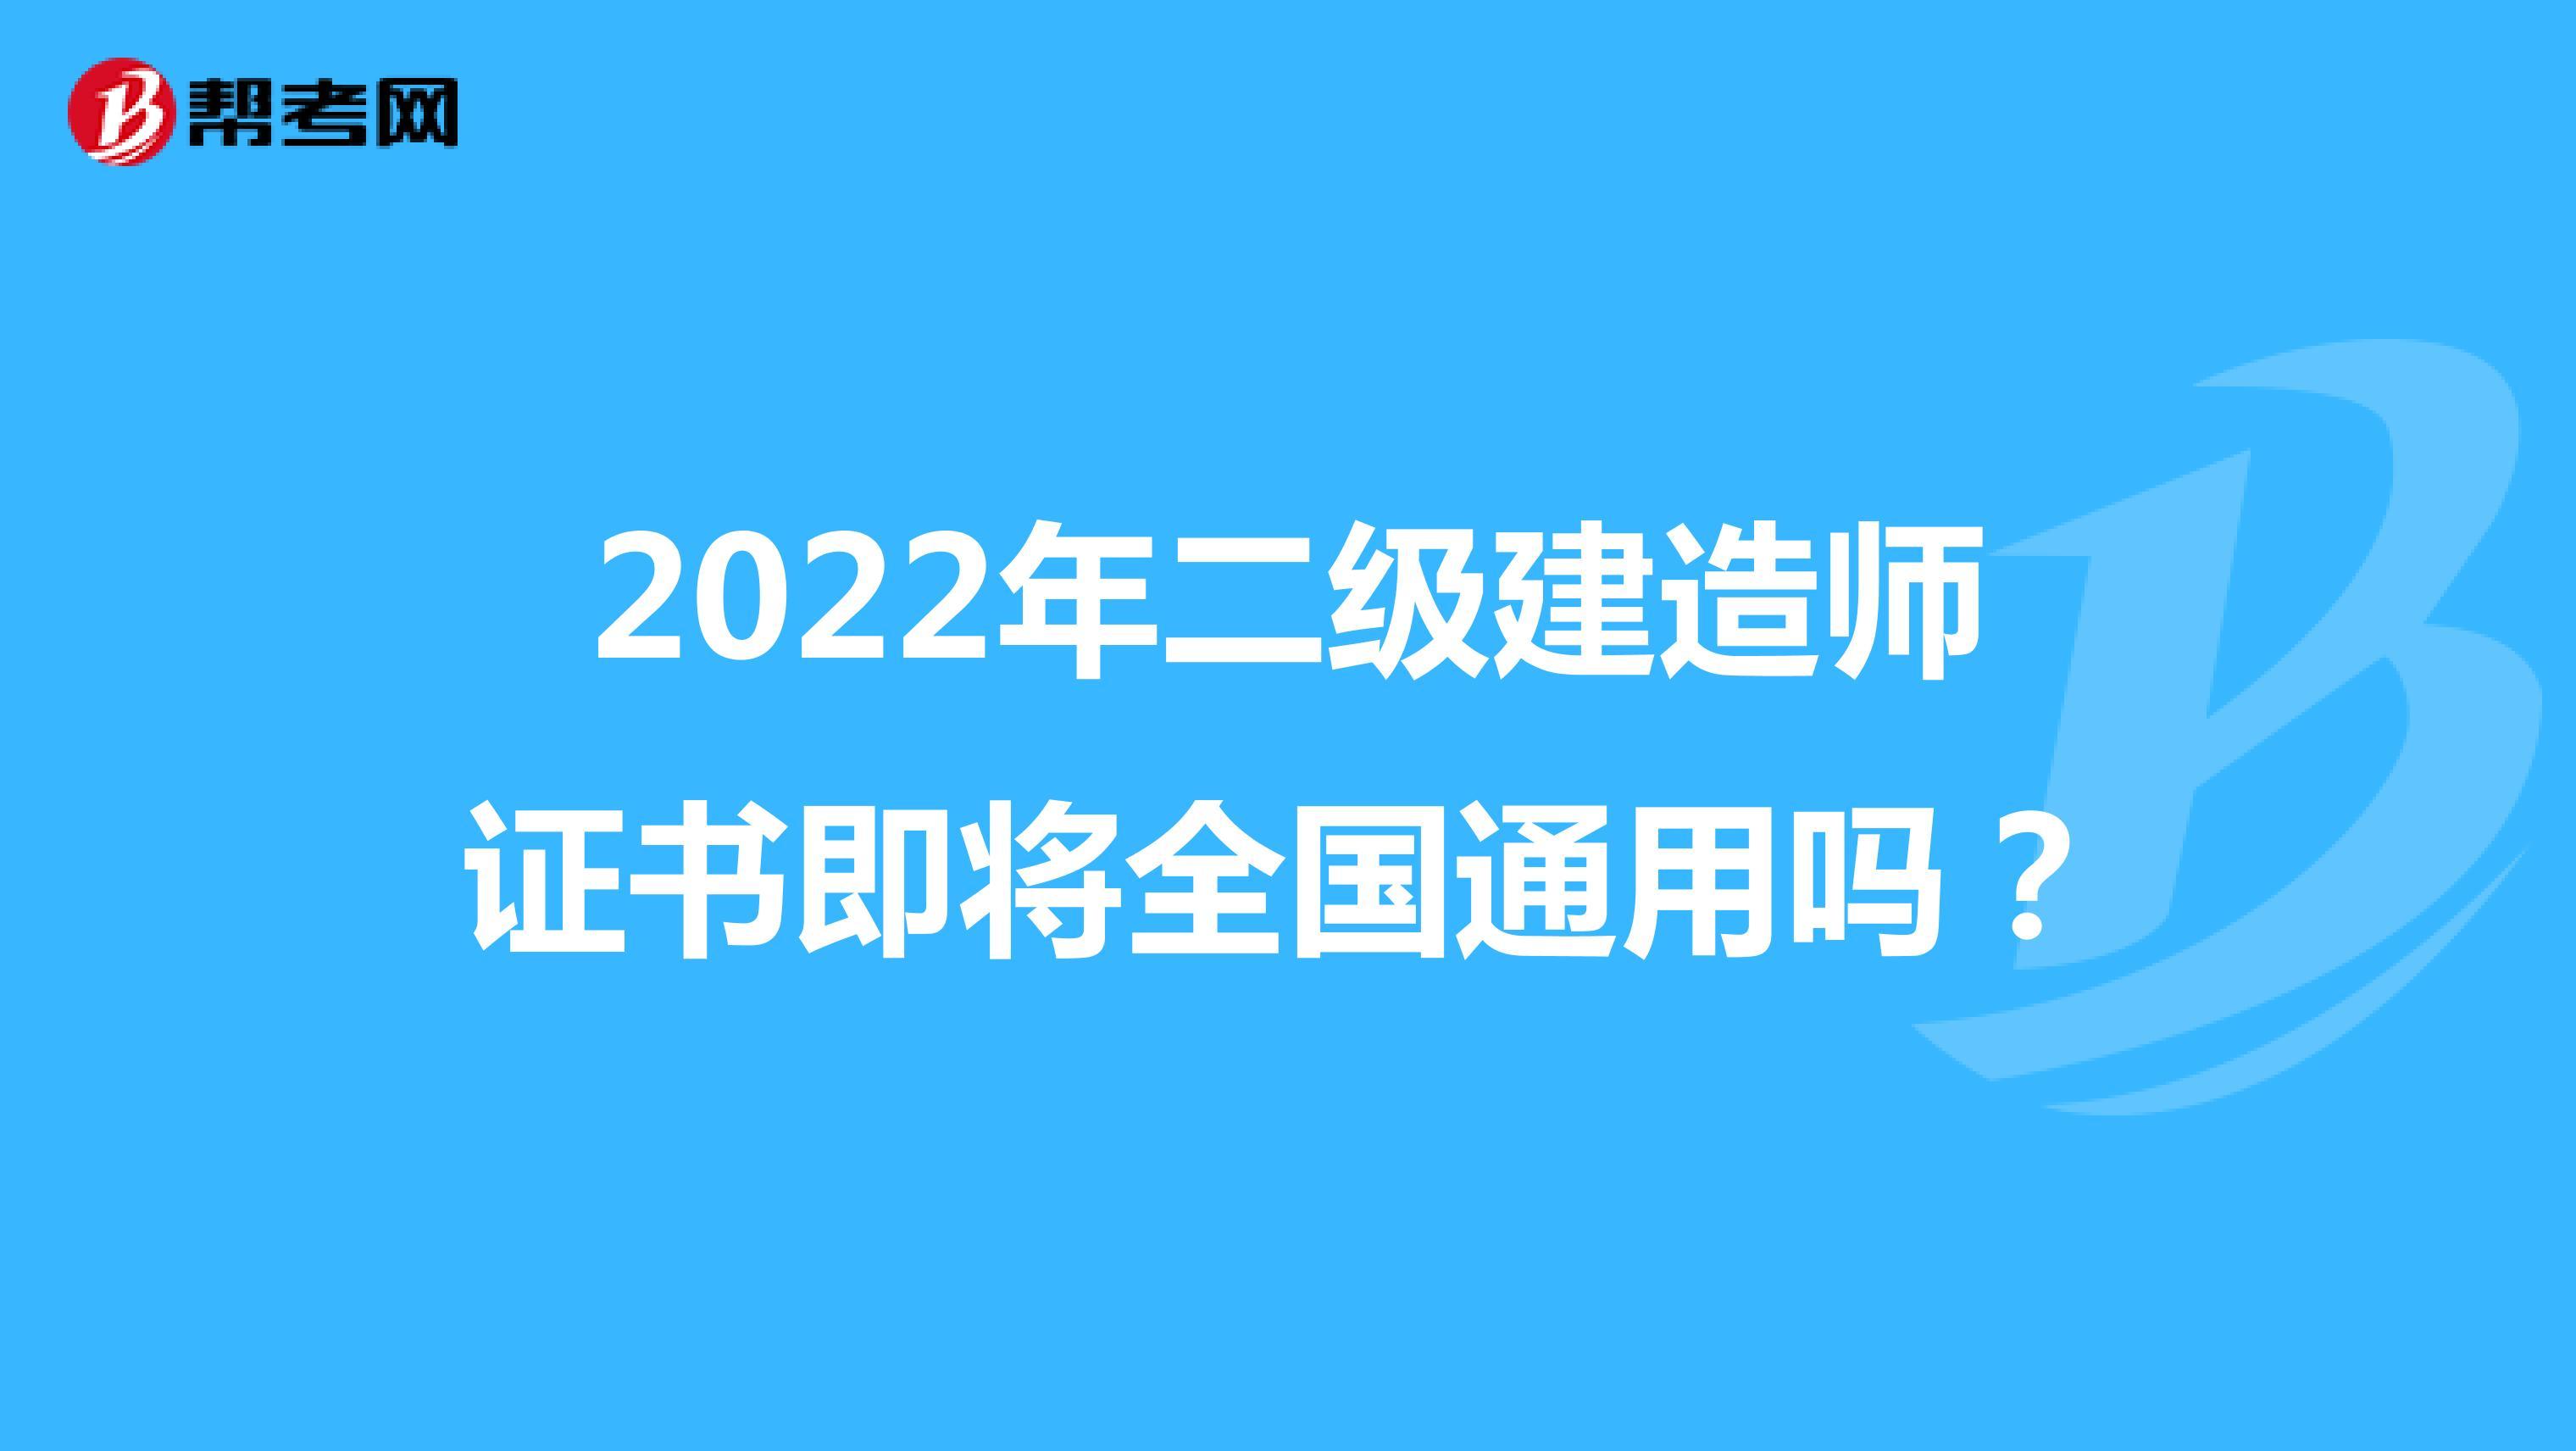 2022年二级建造师证书即将全国通用吗?